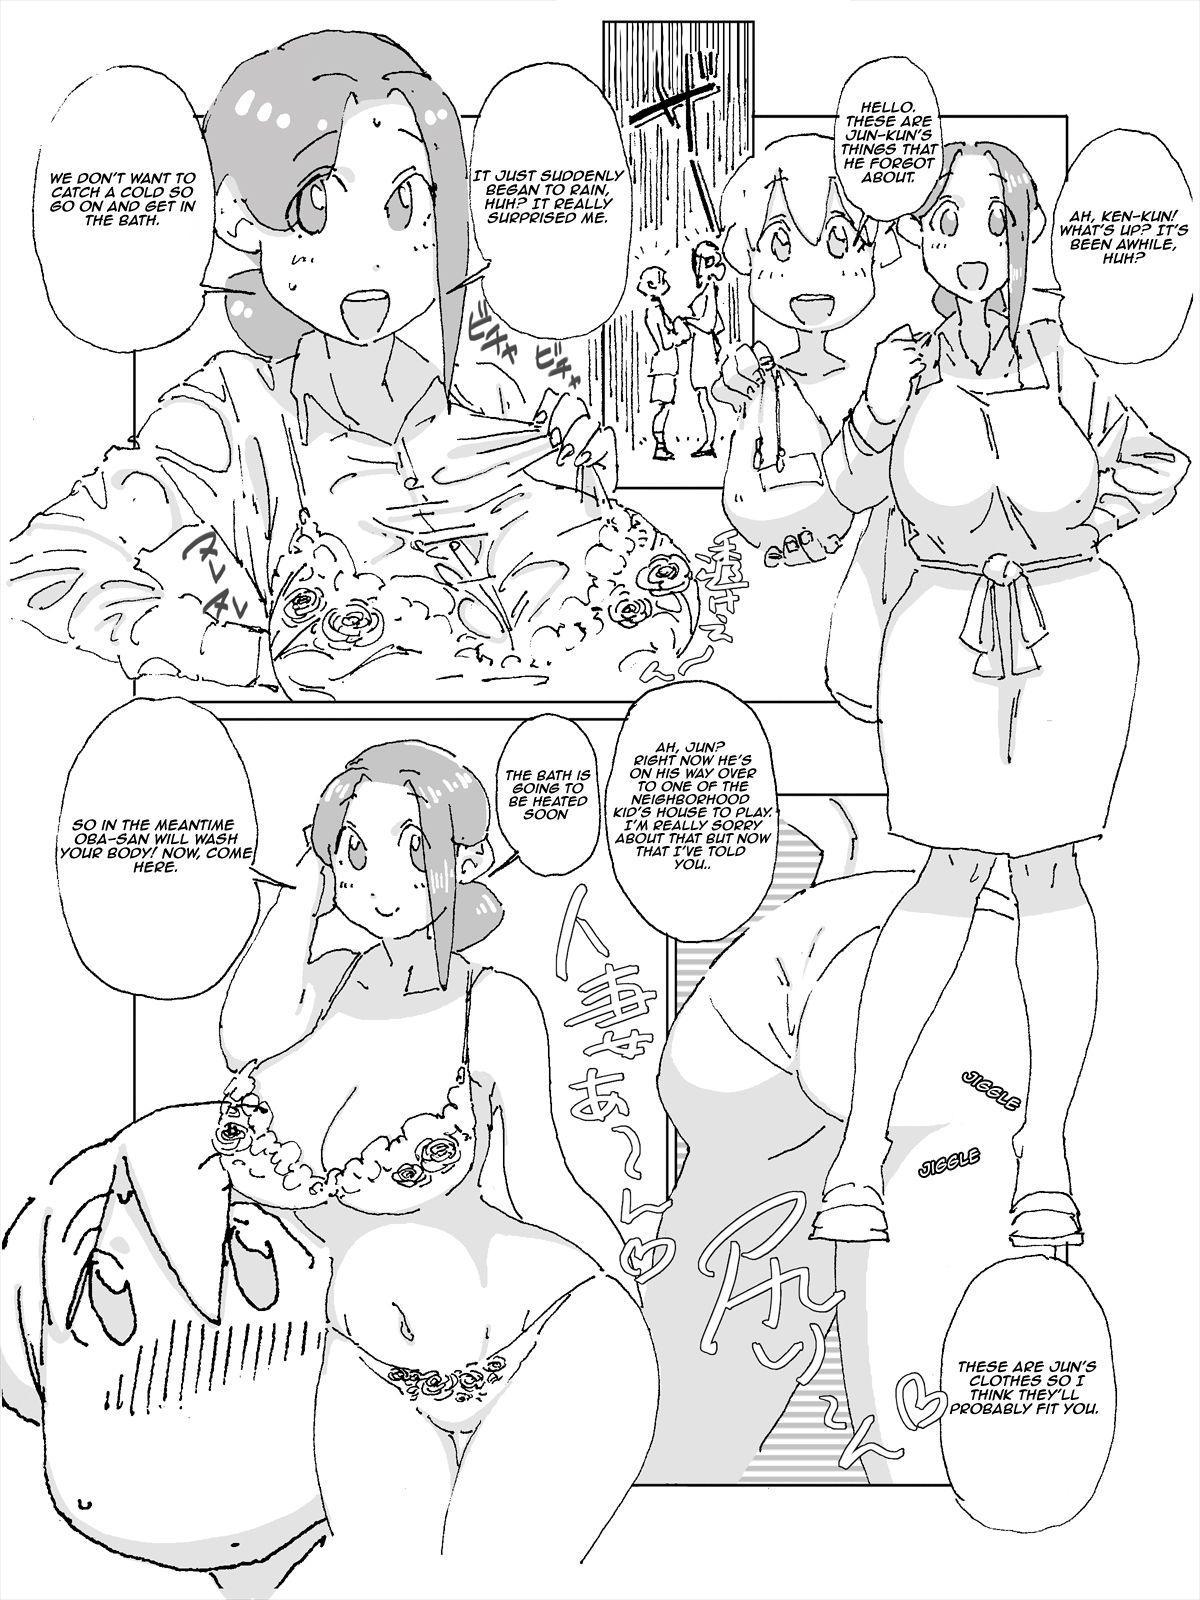 Maseo no Takurami - Musuko no Tomodachi to no Irogoto ga Musuko no Tomodachi ni Bareta Tsuma | Maseo's Plan. Wife's Affair with Her Son's Friend Is Exposed by Her Son's Friend. 0